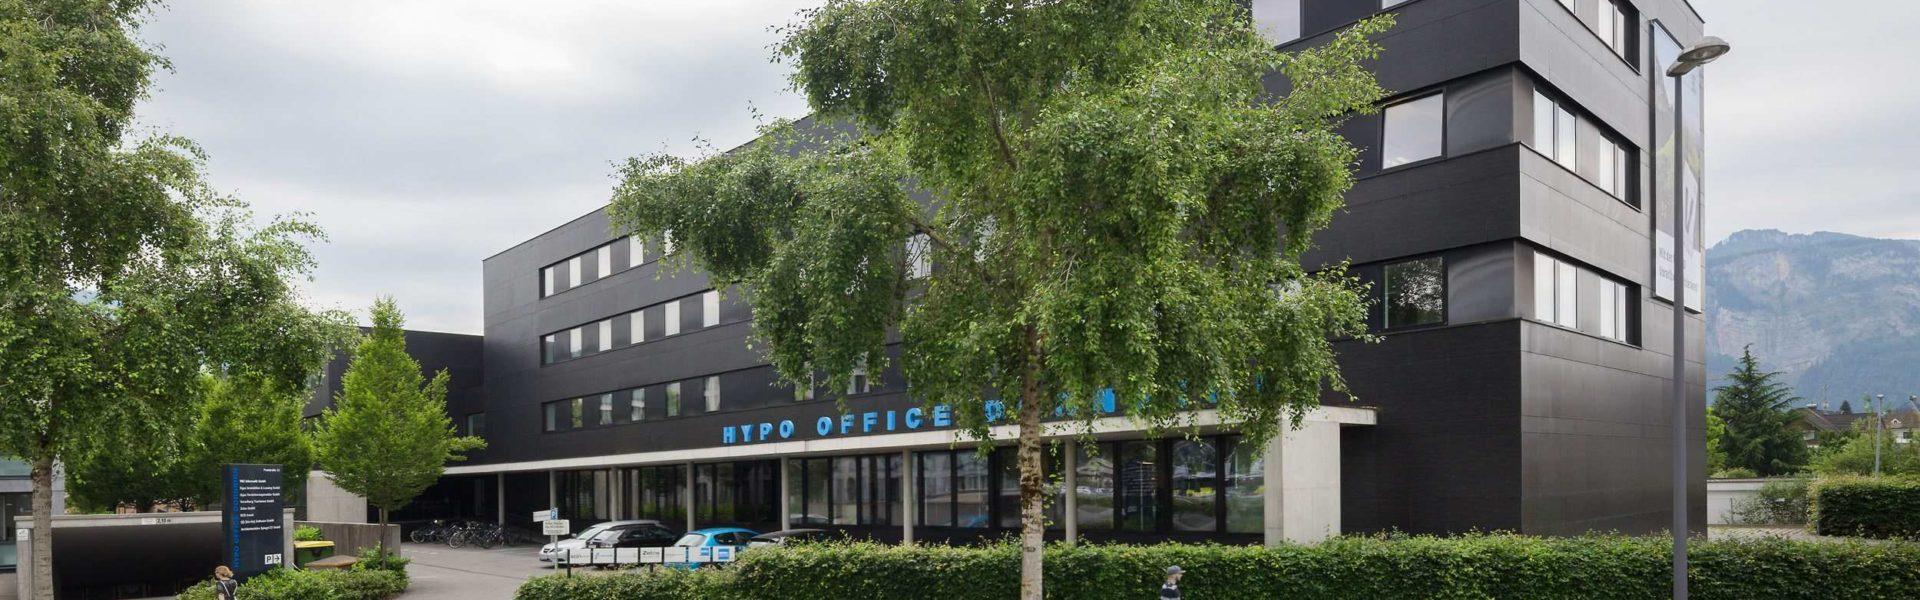 Firmensitz Hypo Office, Dornbirn (c) Petra Rainer / Vorarlberg Tourismus GmbH